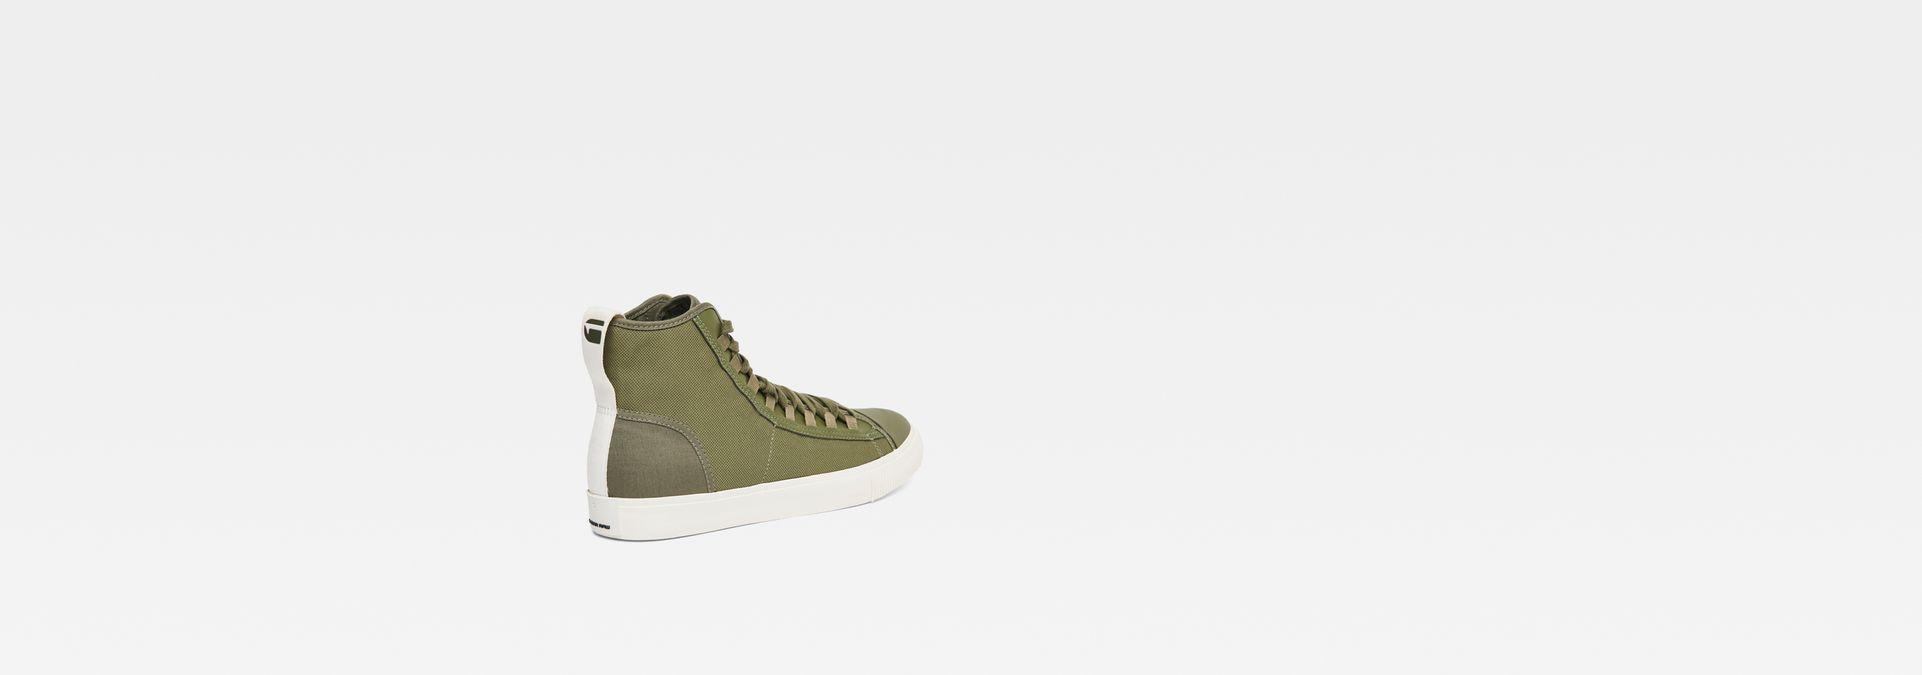 735d6c622d8 ... G-Star RAW® Scuba II Mid Sneaker Groen sole view